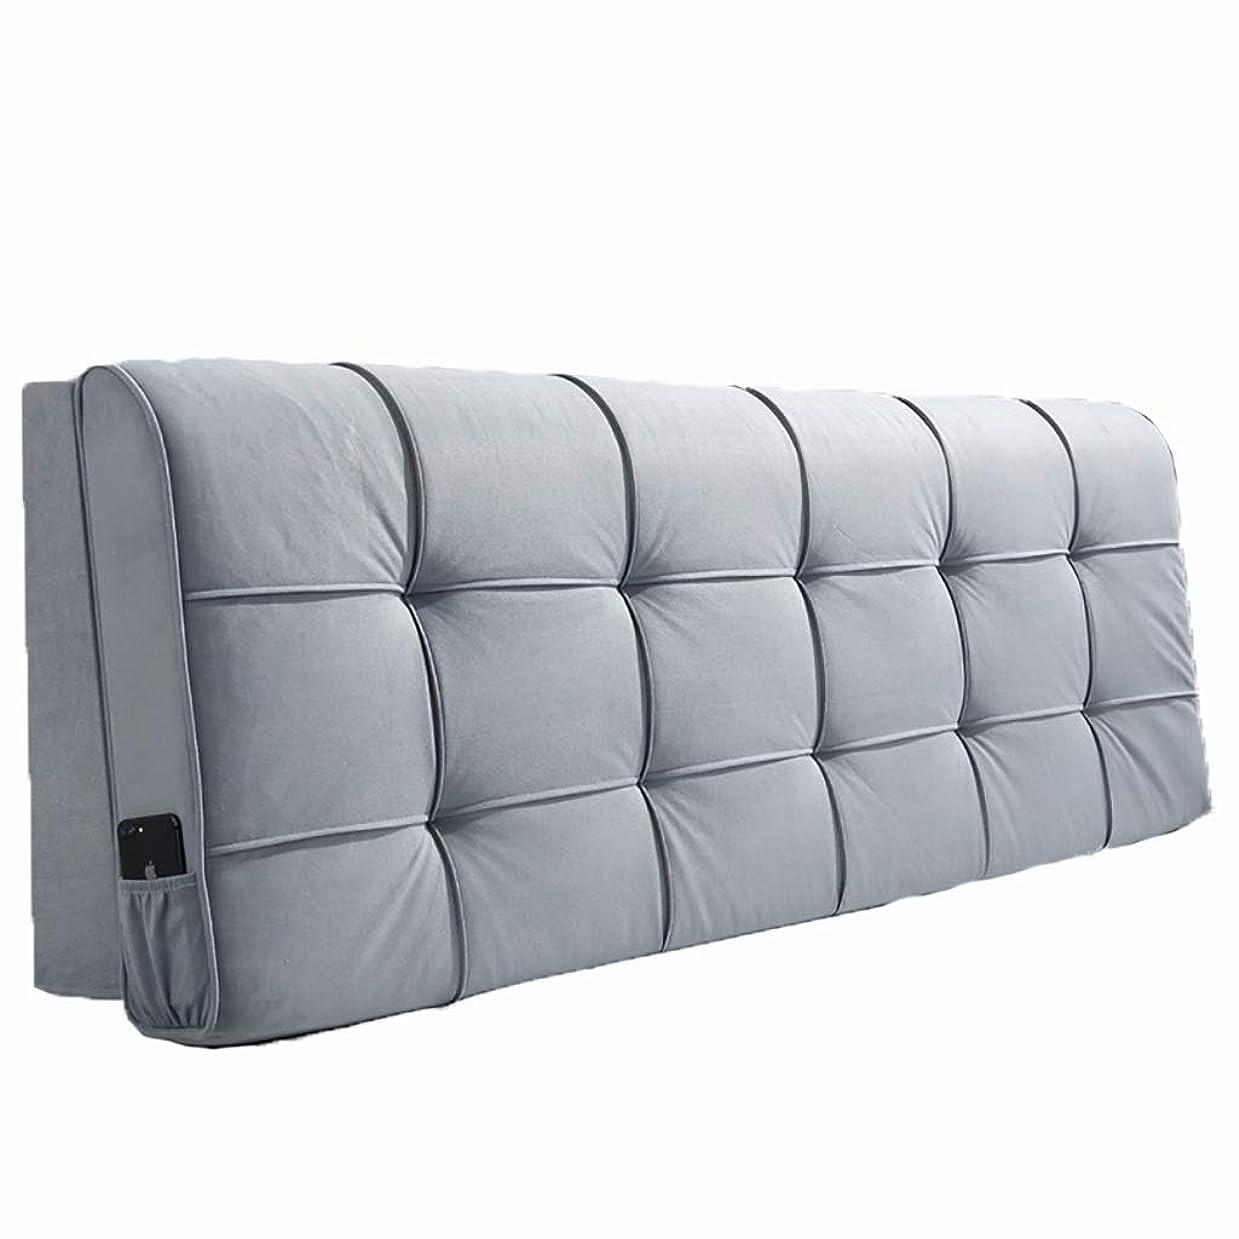 注入するアパートアーティストベッド枕 ベッドサイドクッションソフトバッグ大背もたれシンプルなダブルぬいぐるみ素材取り外し可能な洗える枕ベッドカバーセットベッドサイド使用スポンジフィラーサイズ90センチメートル - 200センチメートル 写真ベッド枕首まくら (色 : I, サイズ さいず : 150cm)